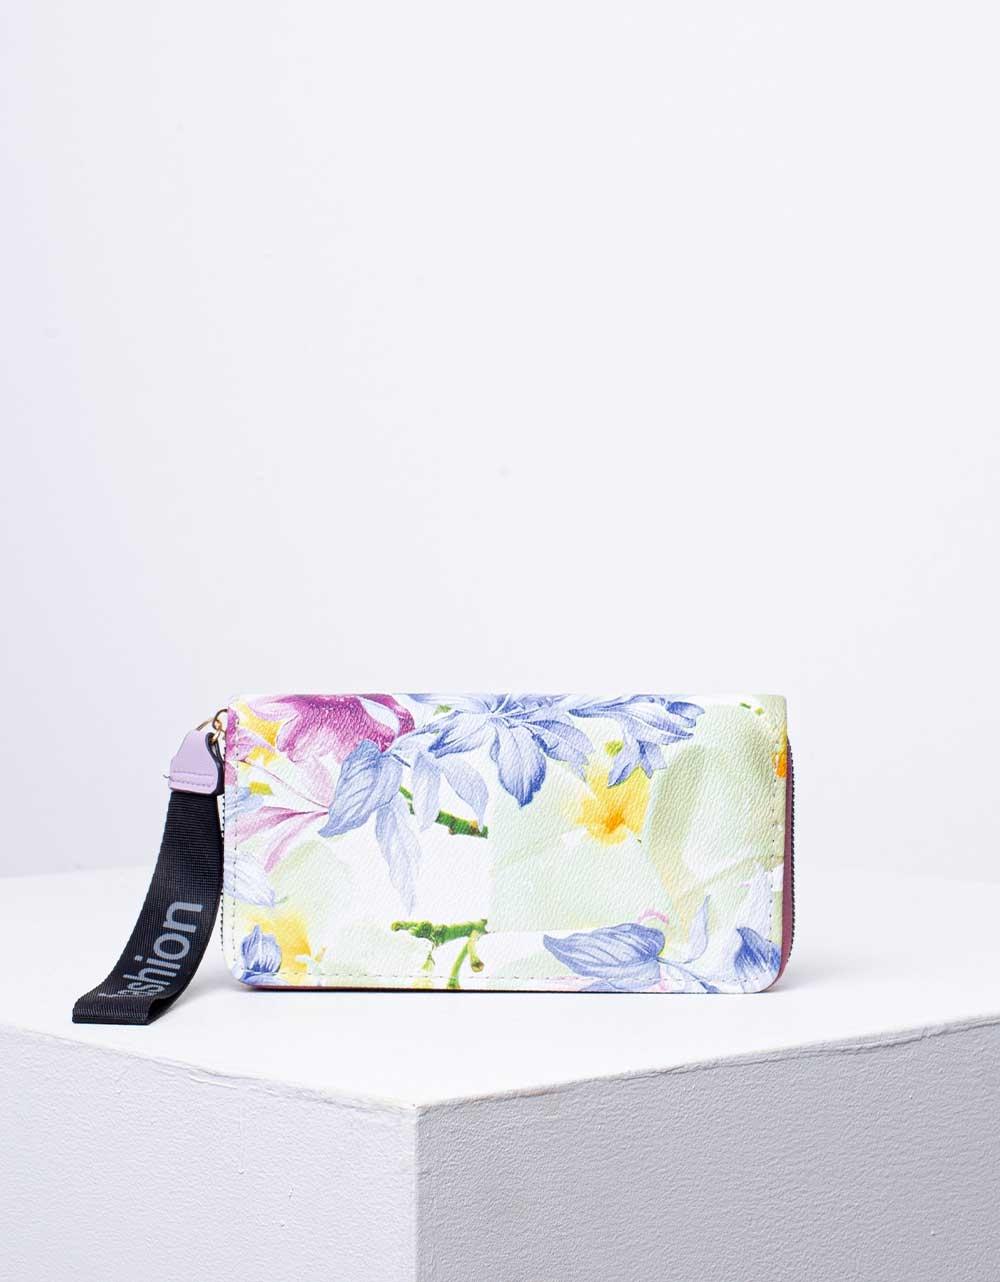 Εικόνα από Γυναικείο πορτοφόλι σε συνδυασμό χρωμάτων με λουλούδια Μπορντώ